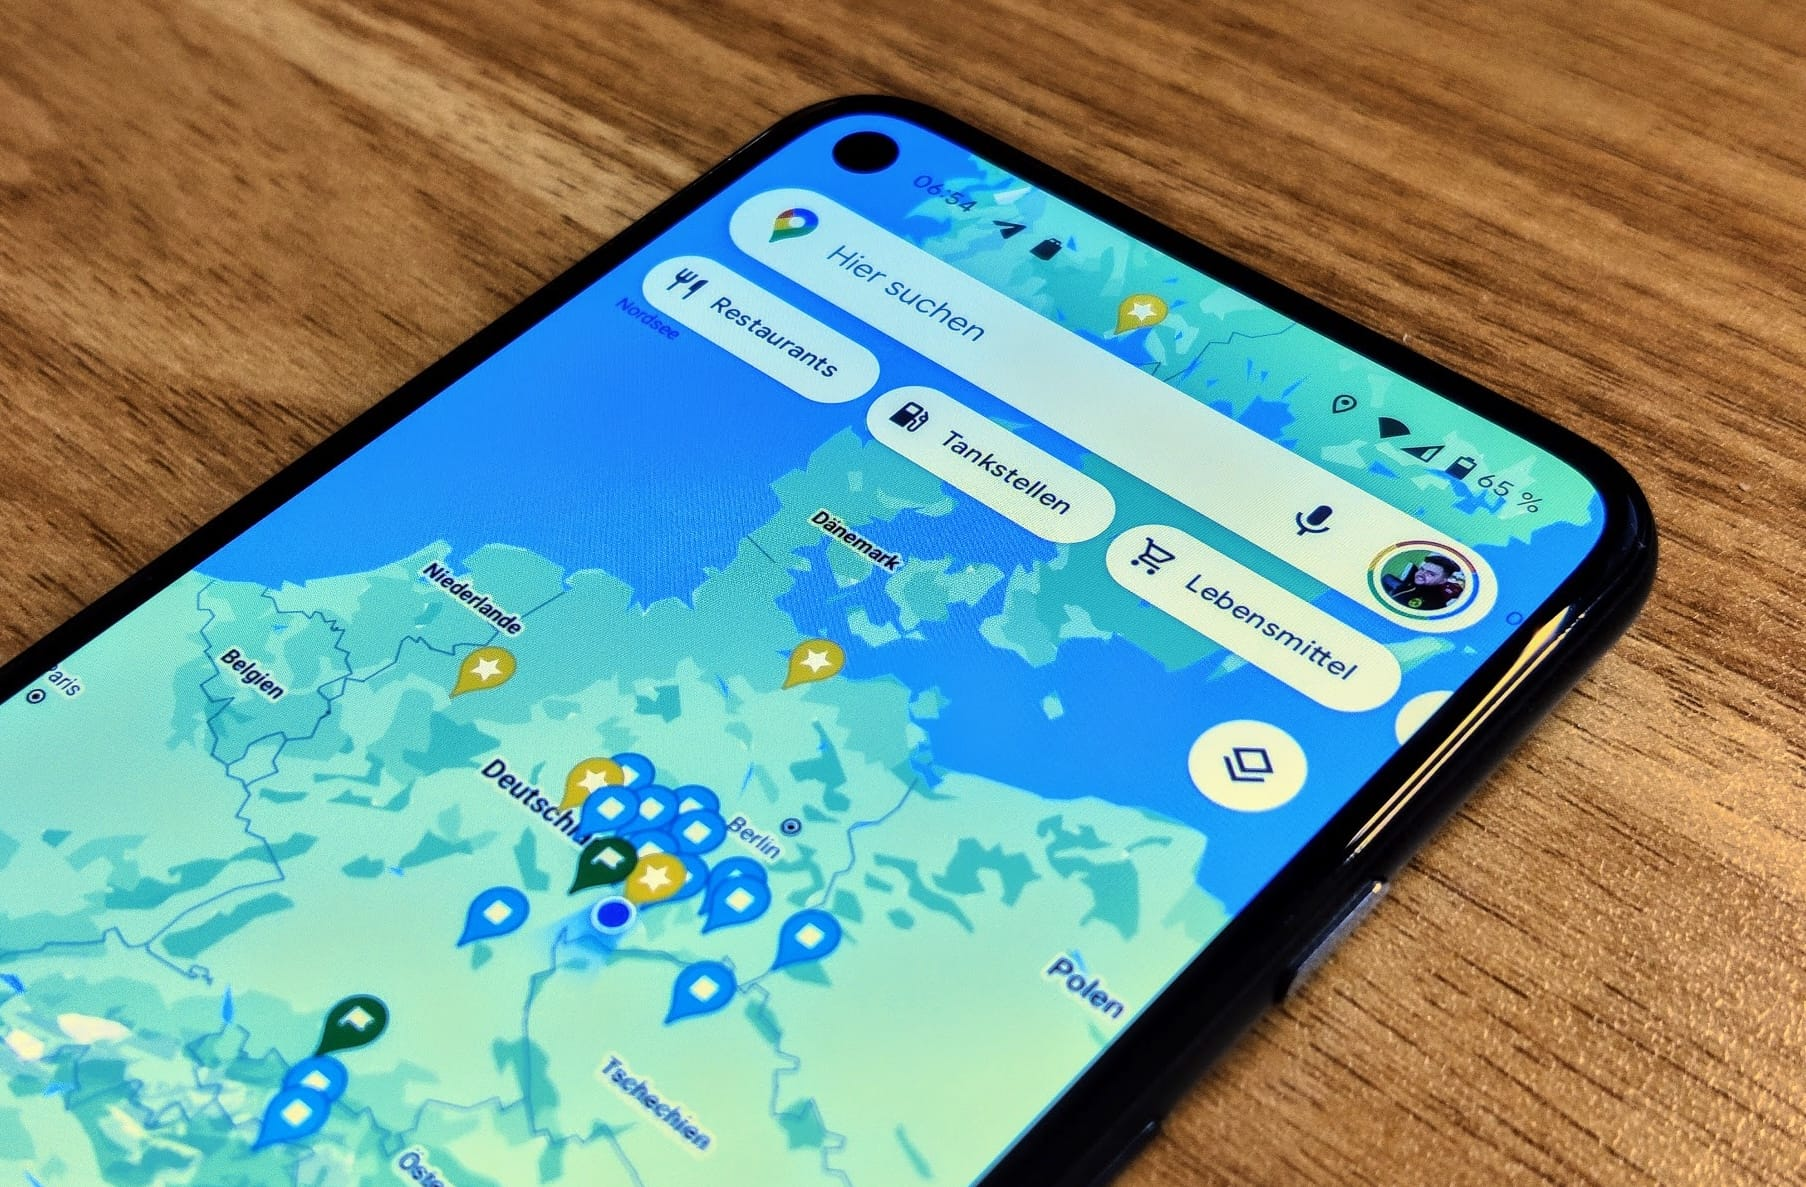 Google Maps: 2 tolle Neuerungen für die Karten vorgestellt – so gut wie die Stauvorhersage!